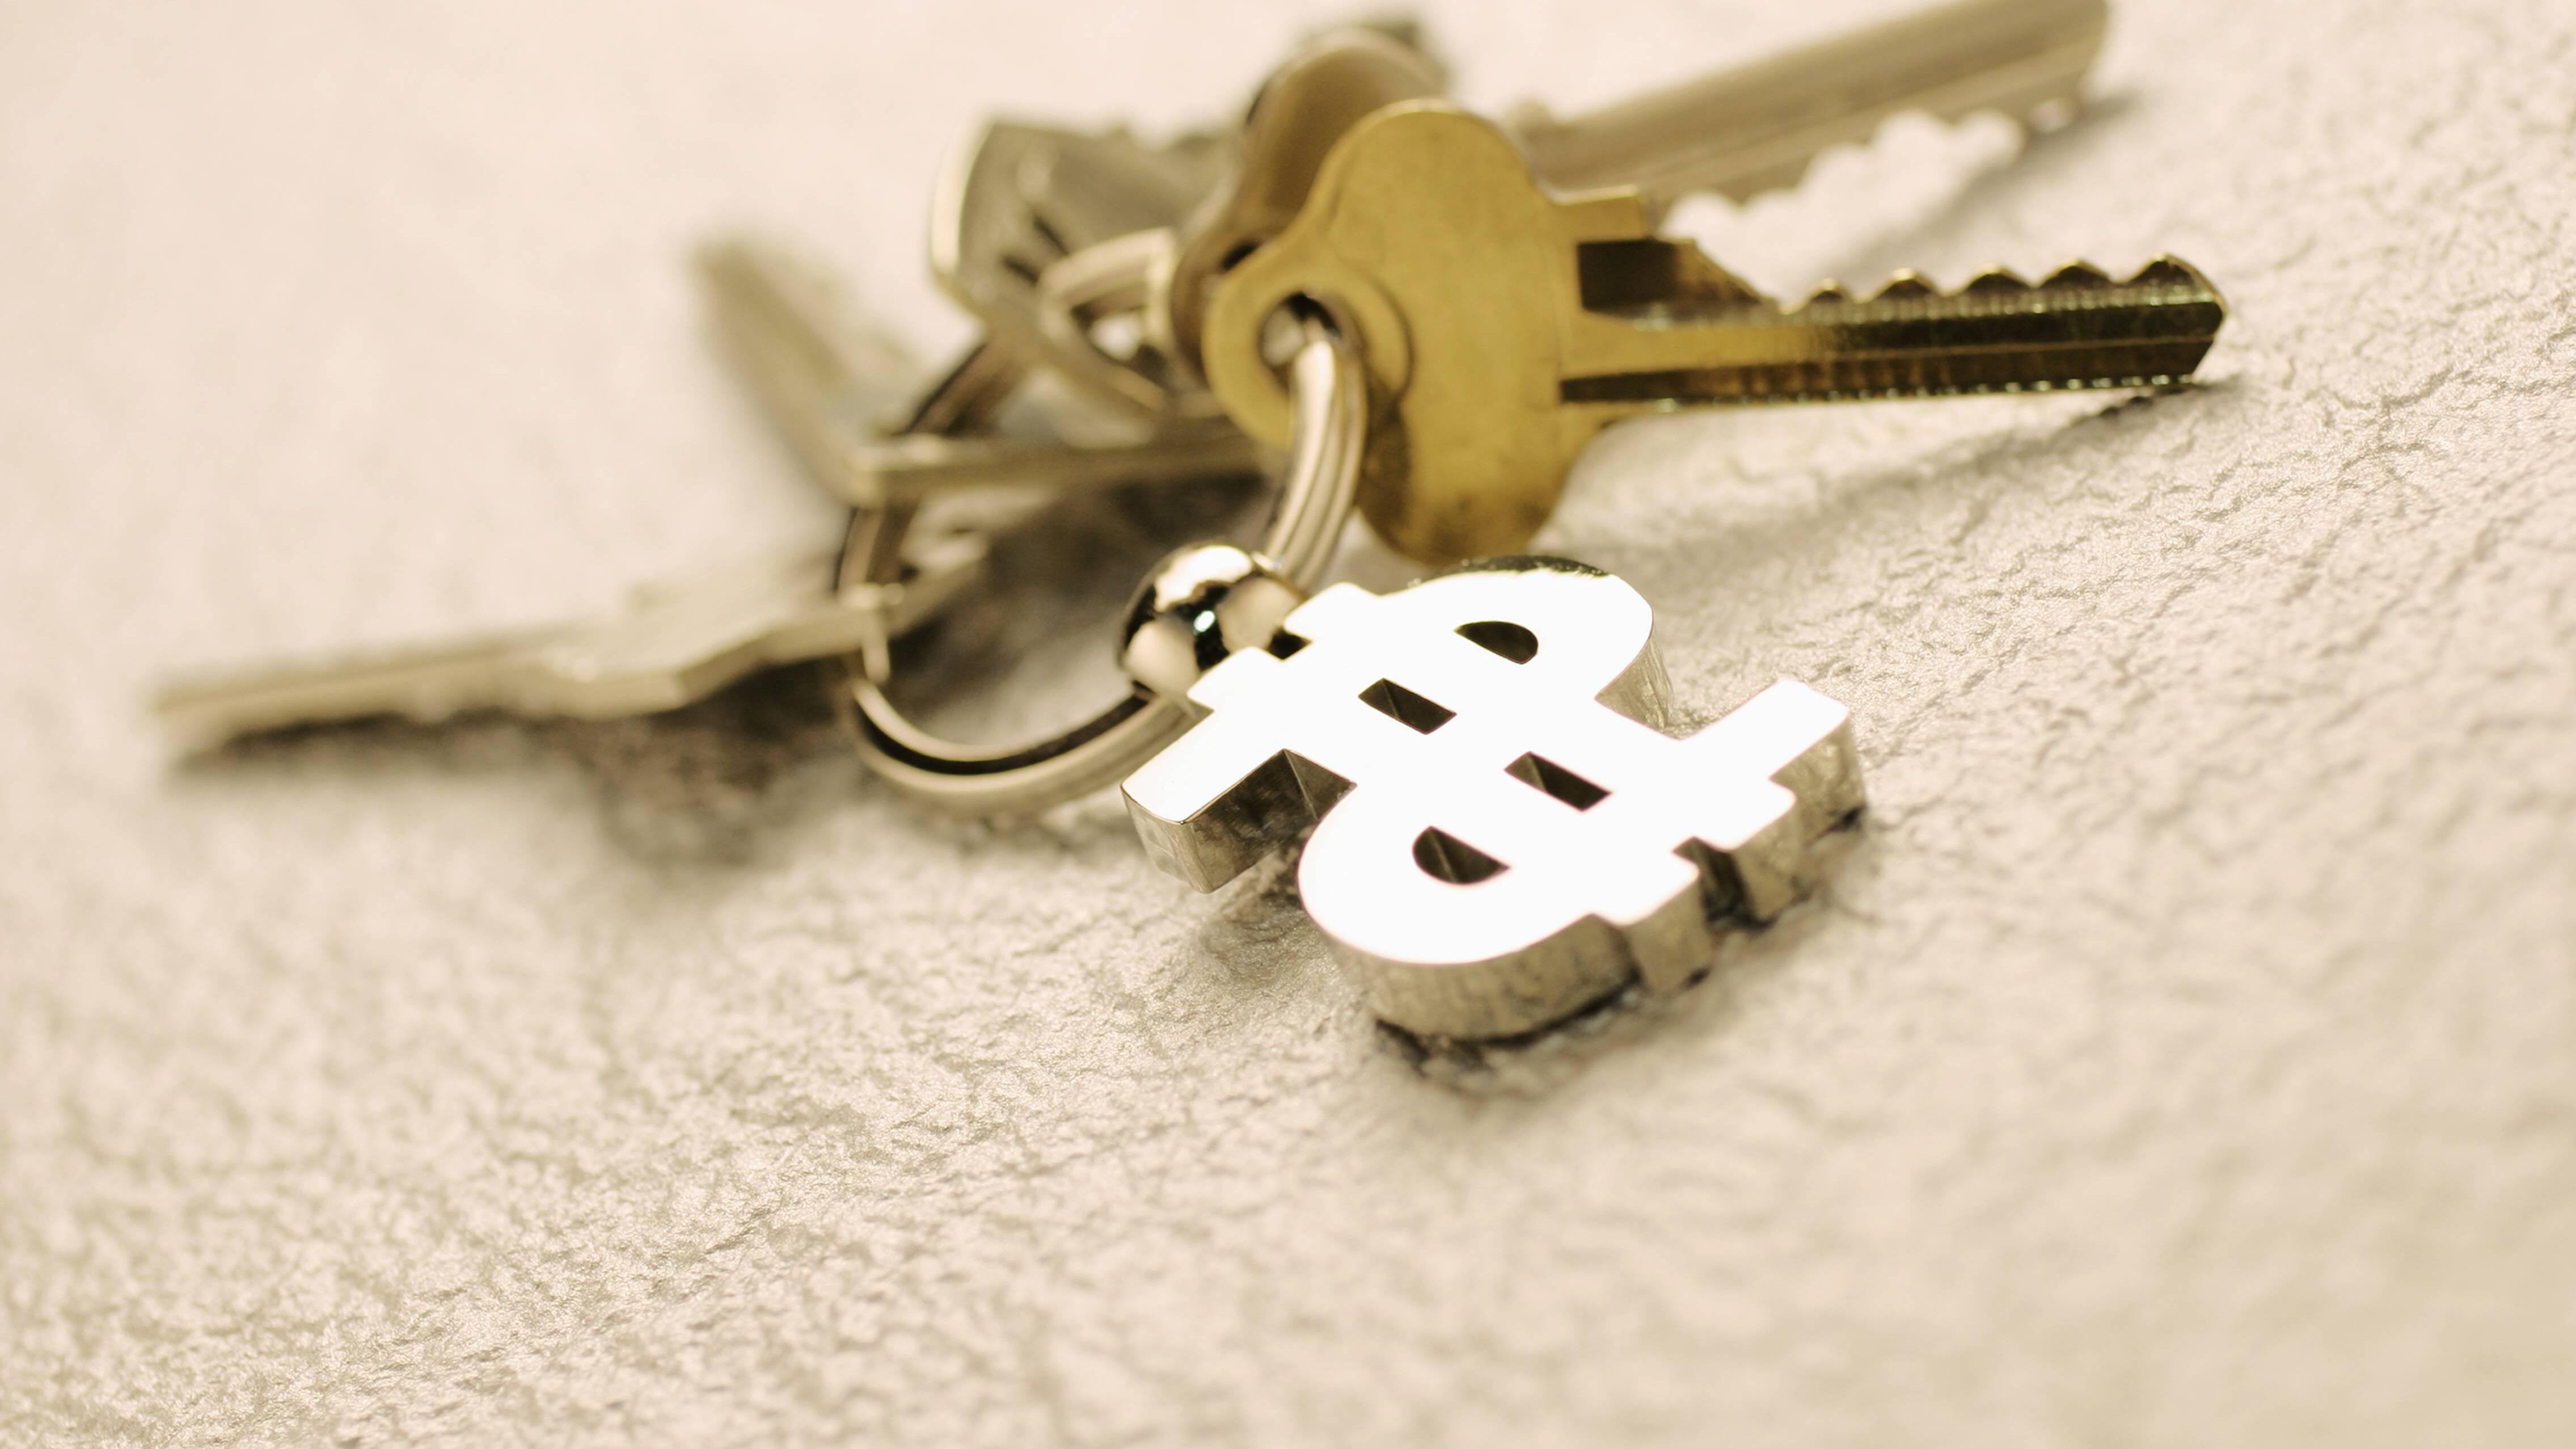 Einen Schlüsselanhänger können Sie zusammen mit alten Vintage-Schlüsseln, als Geschenk im Geschenk oder in einer Cluebox kreativ verpacken.